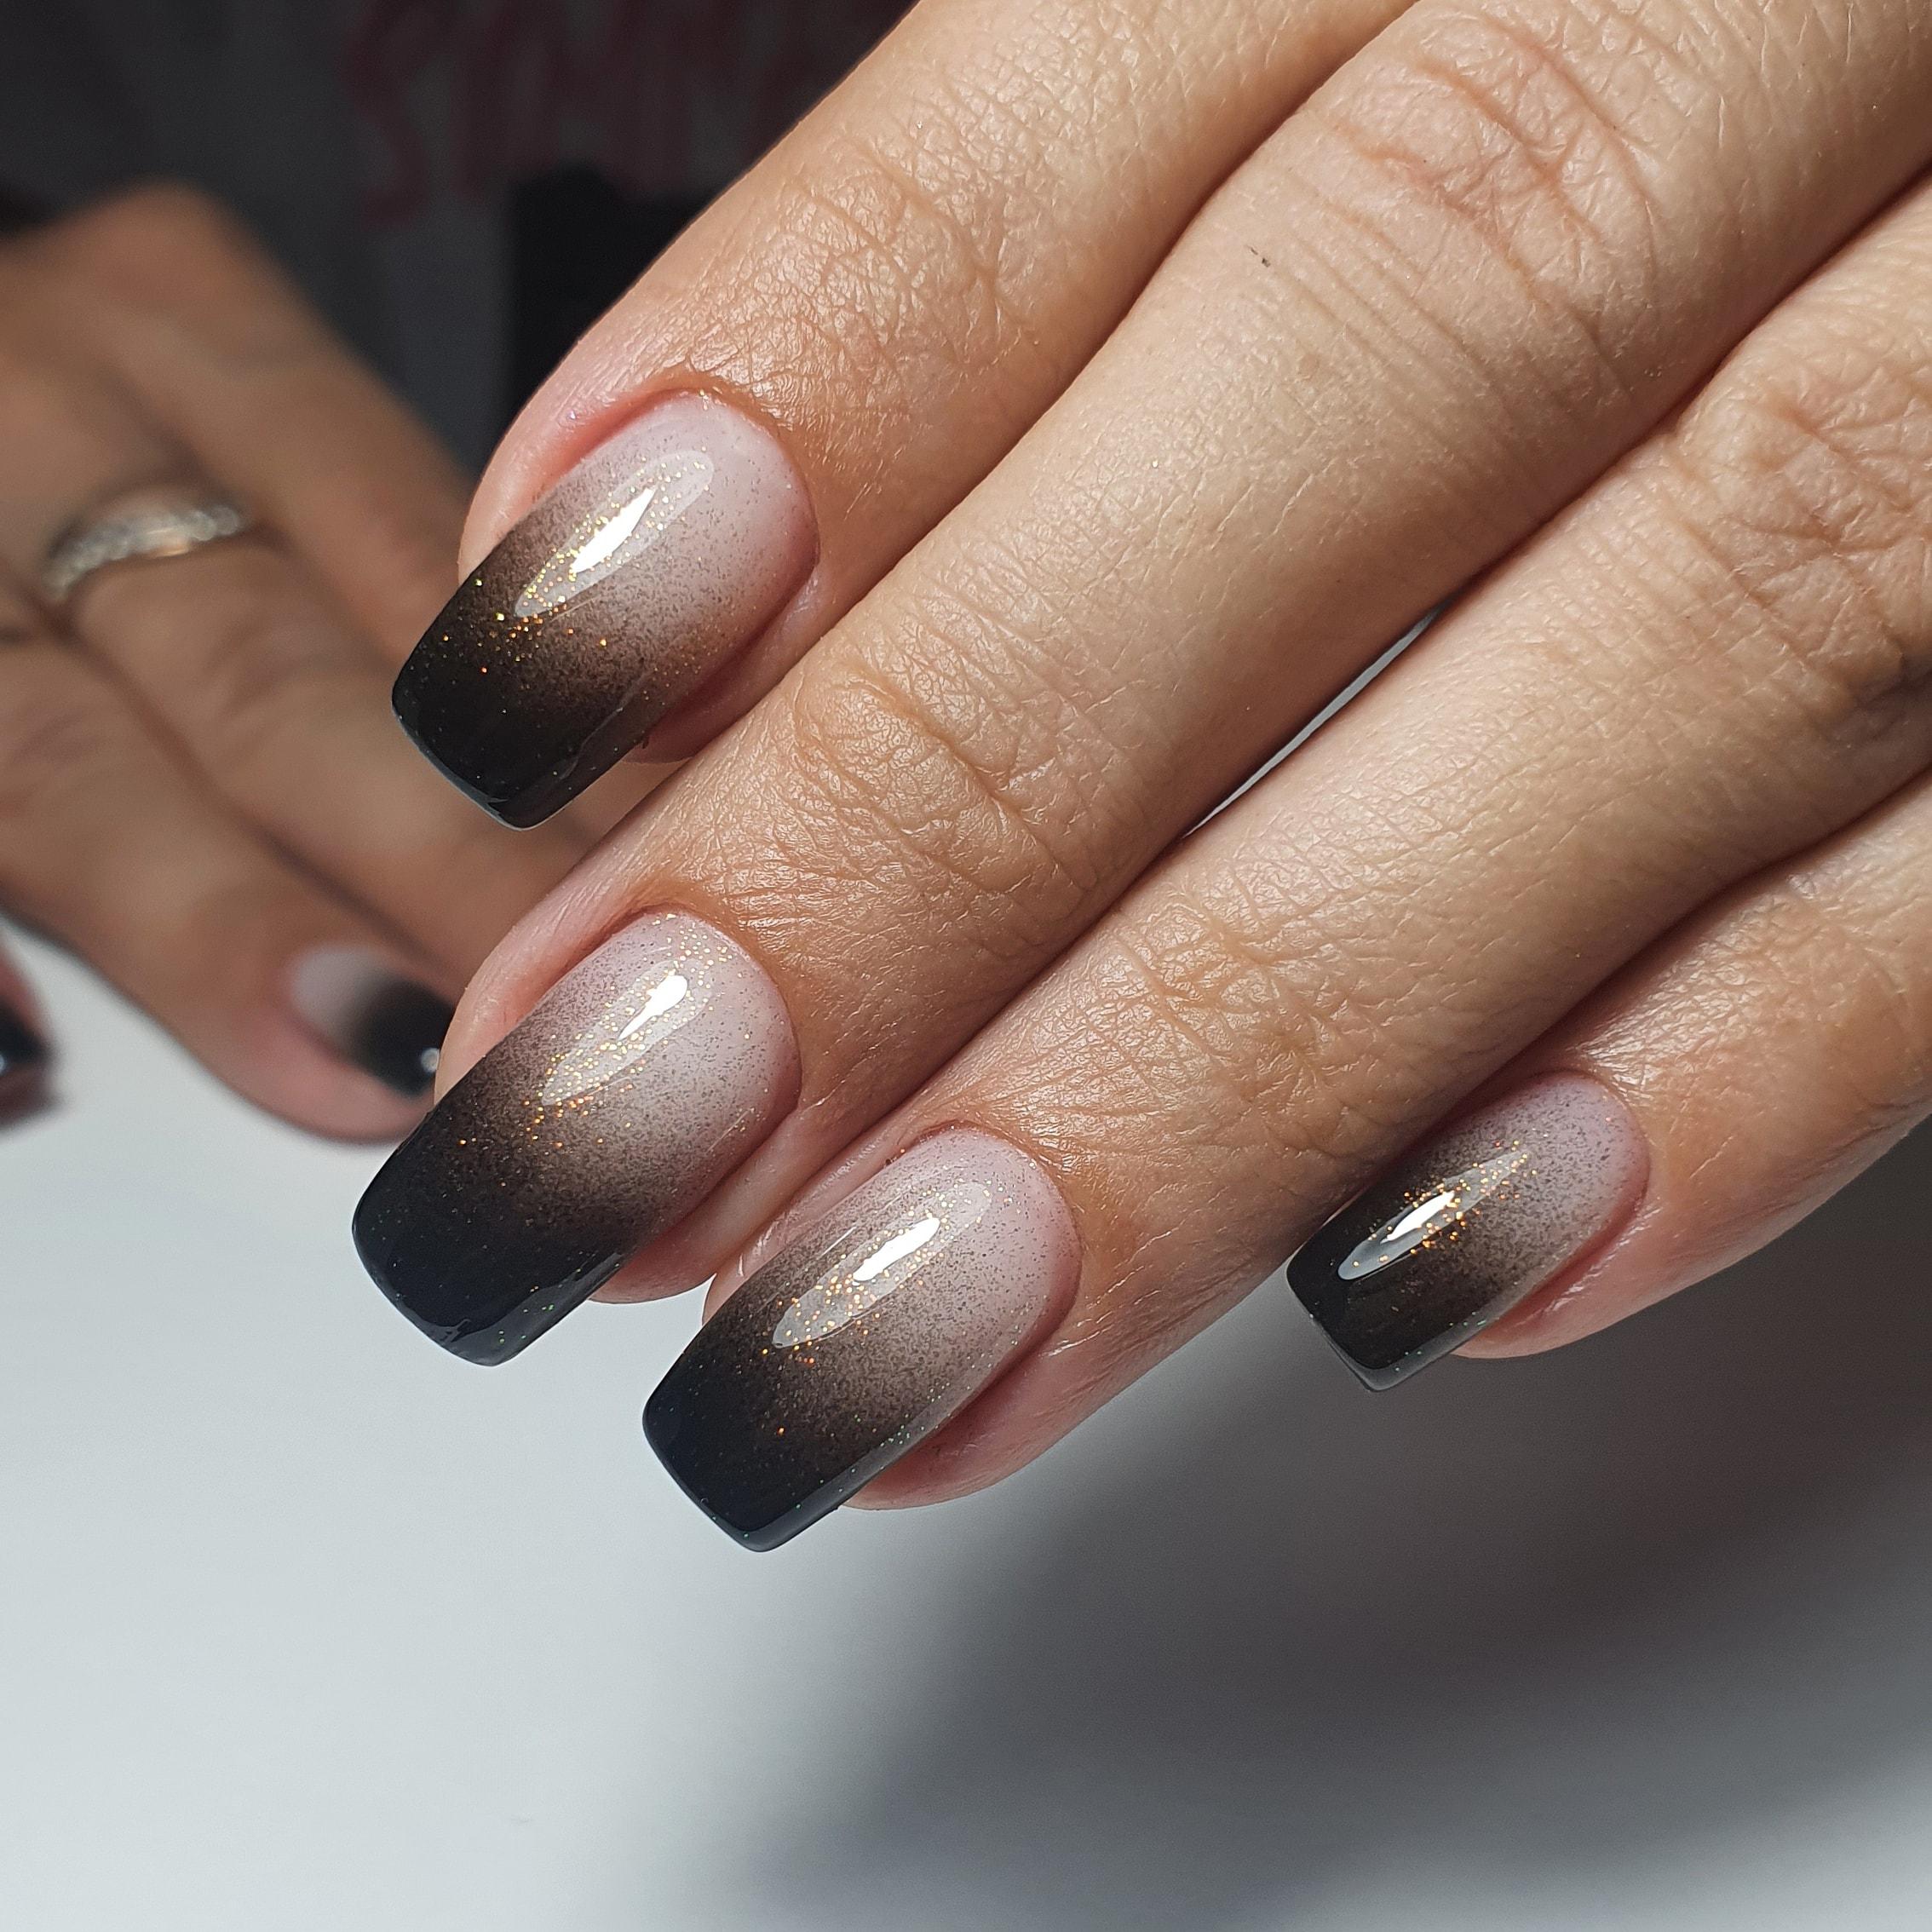 Маникюр с градиентом и блестками на длинные ногти.